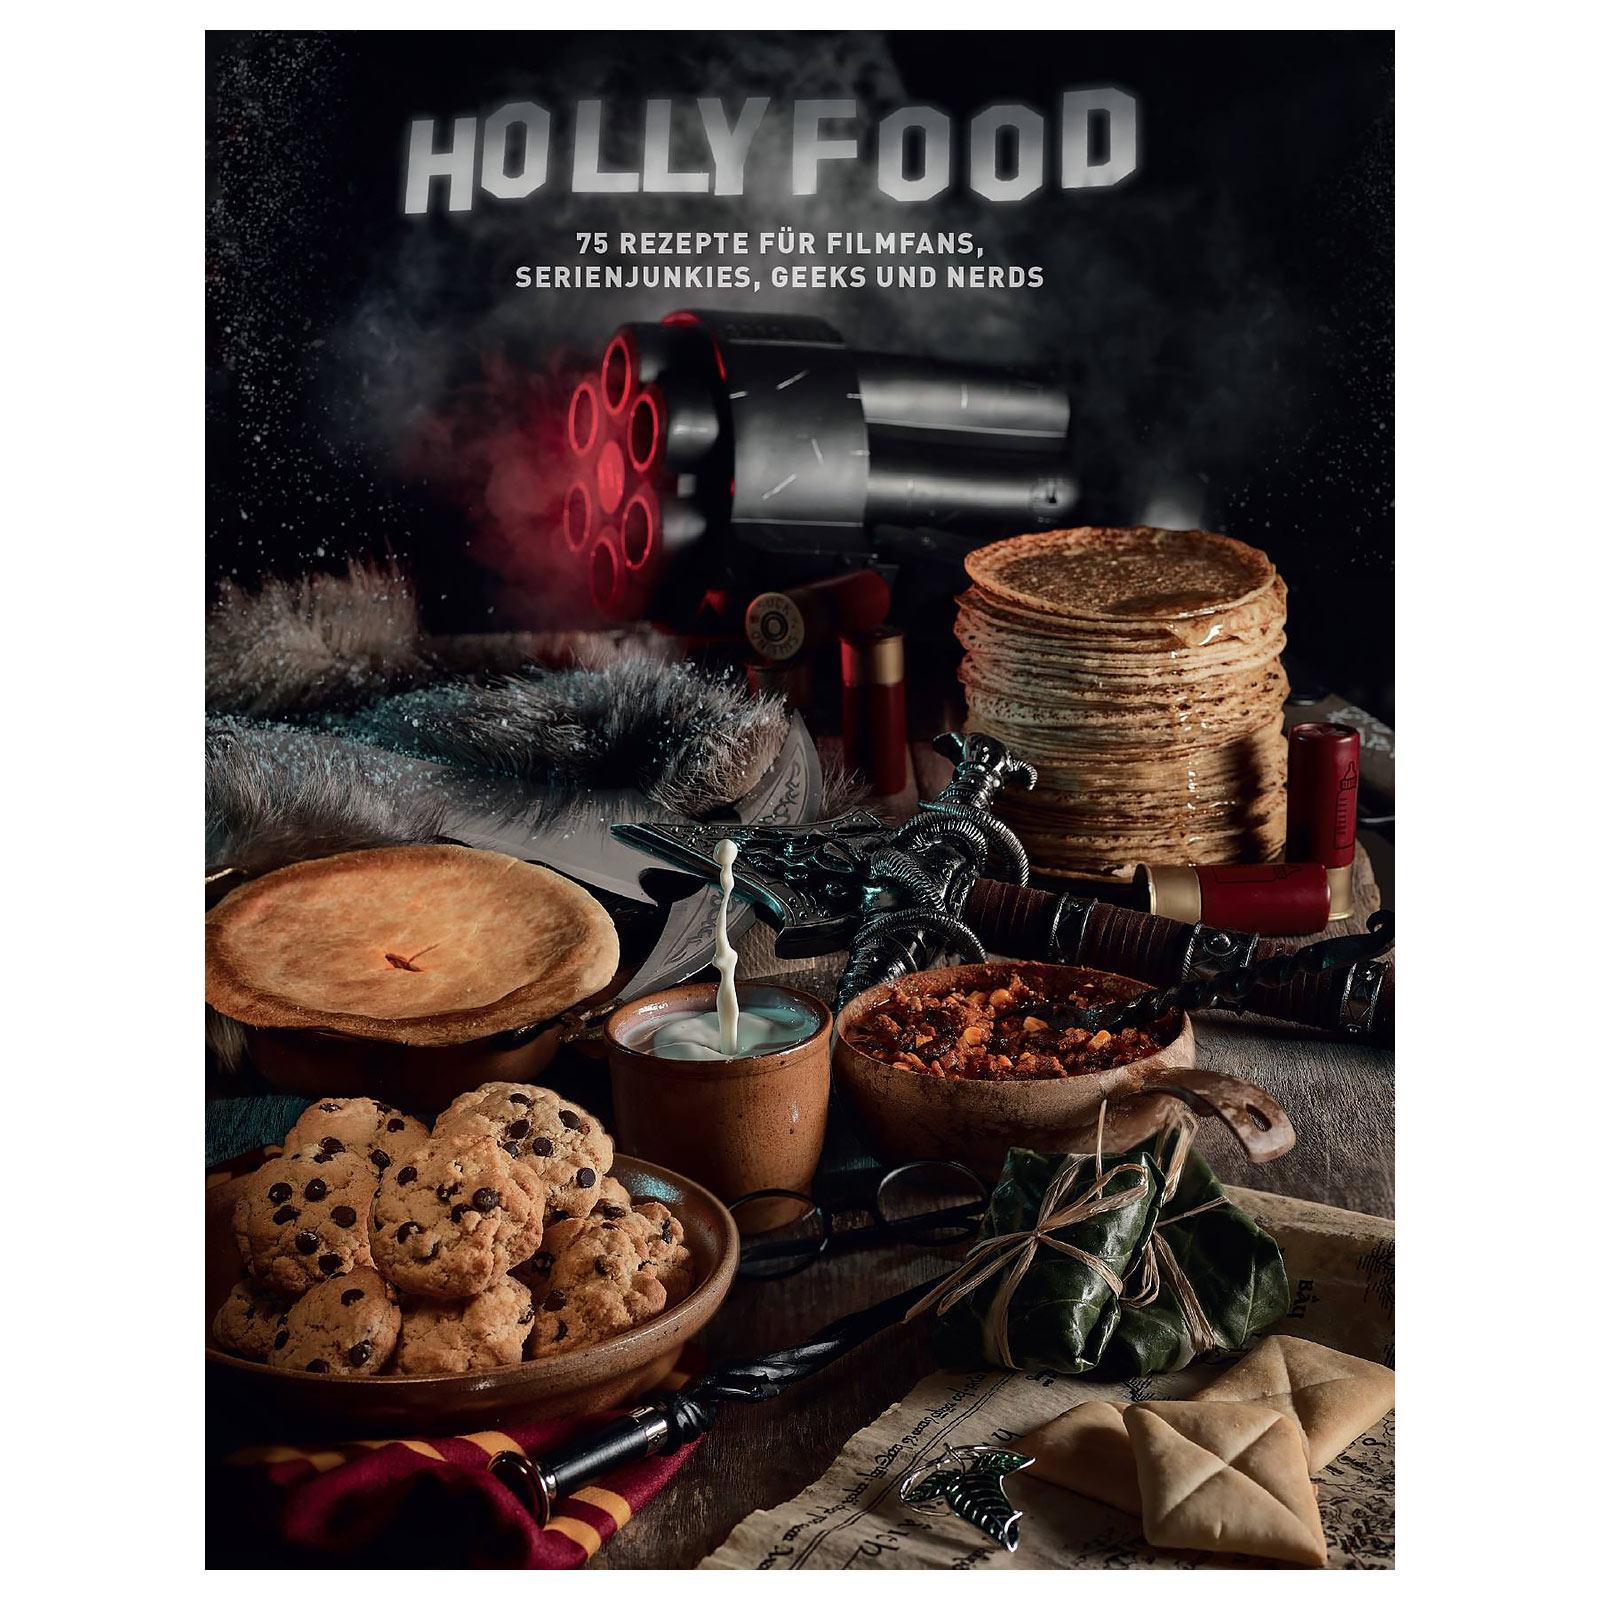 Hollyfood - Kochbuch für Filmfans, Serienjunkies, Geeks und Nerds